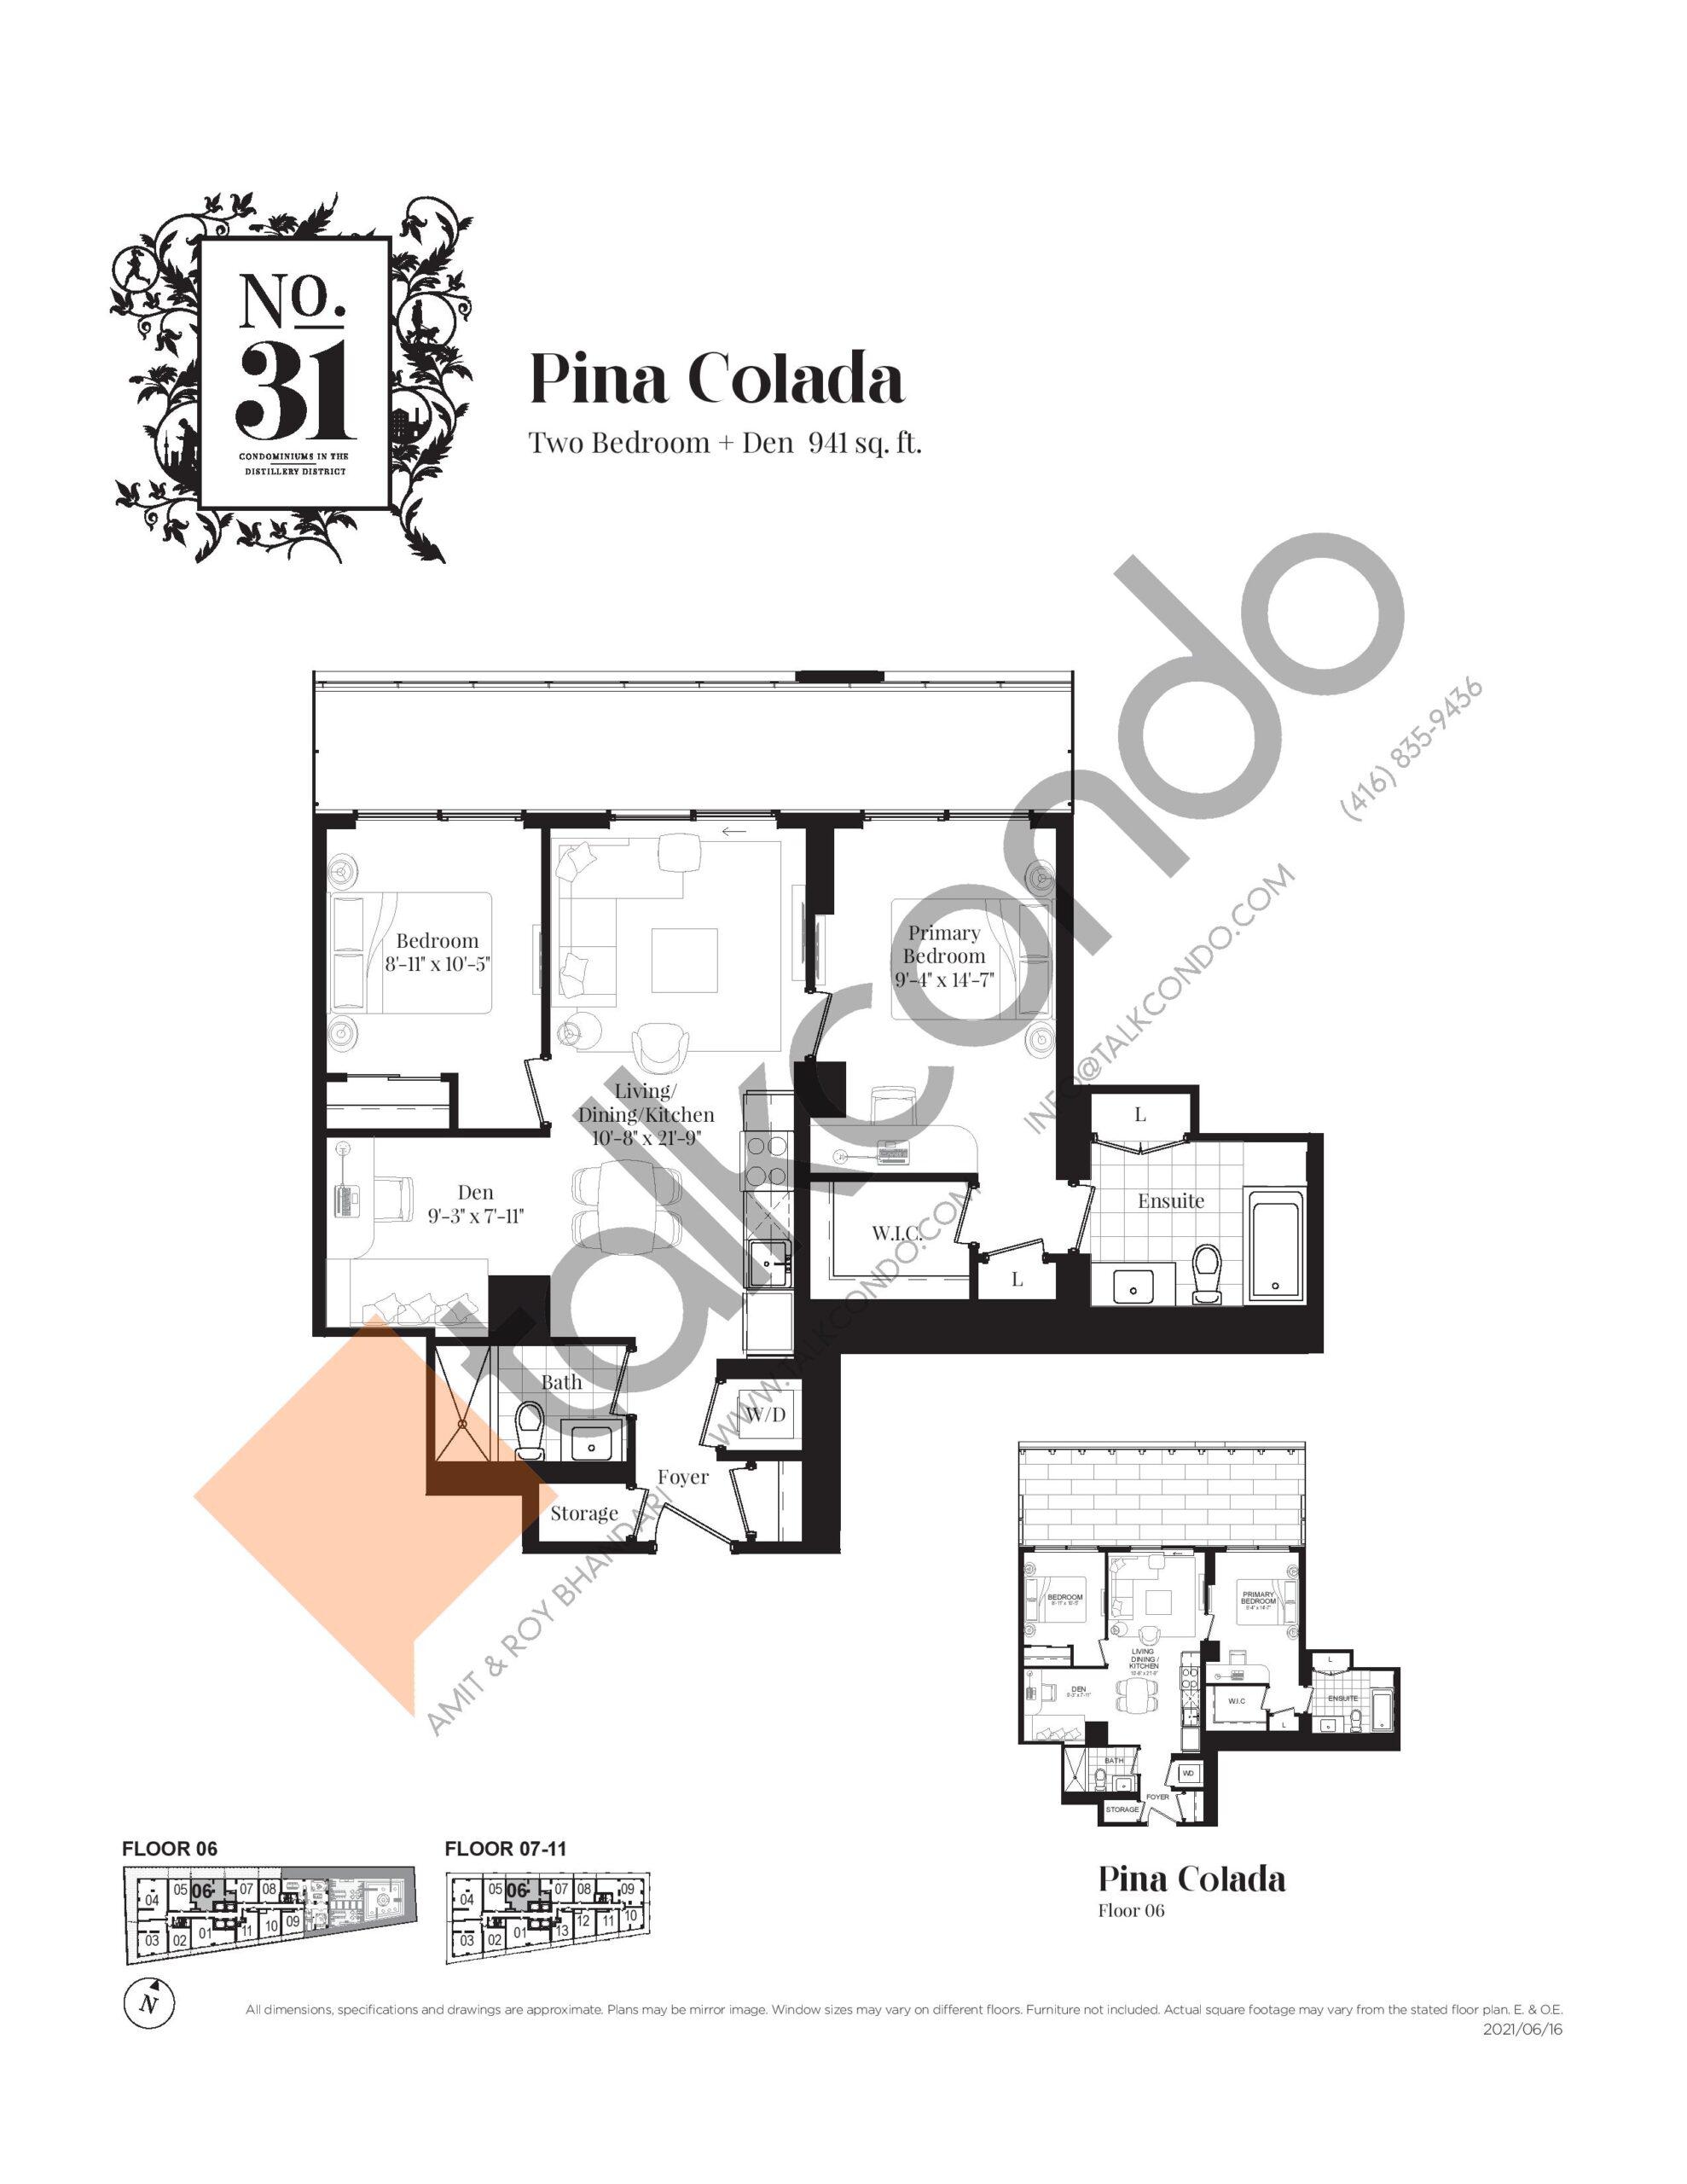 Pina Colada Floor Plan at No. 31 Condos - 941 sq.ft